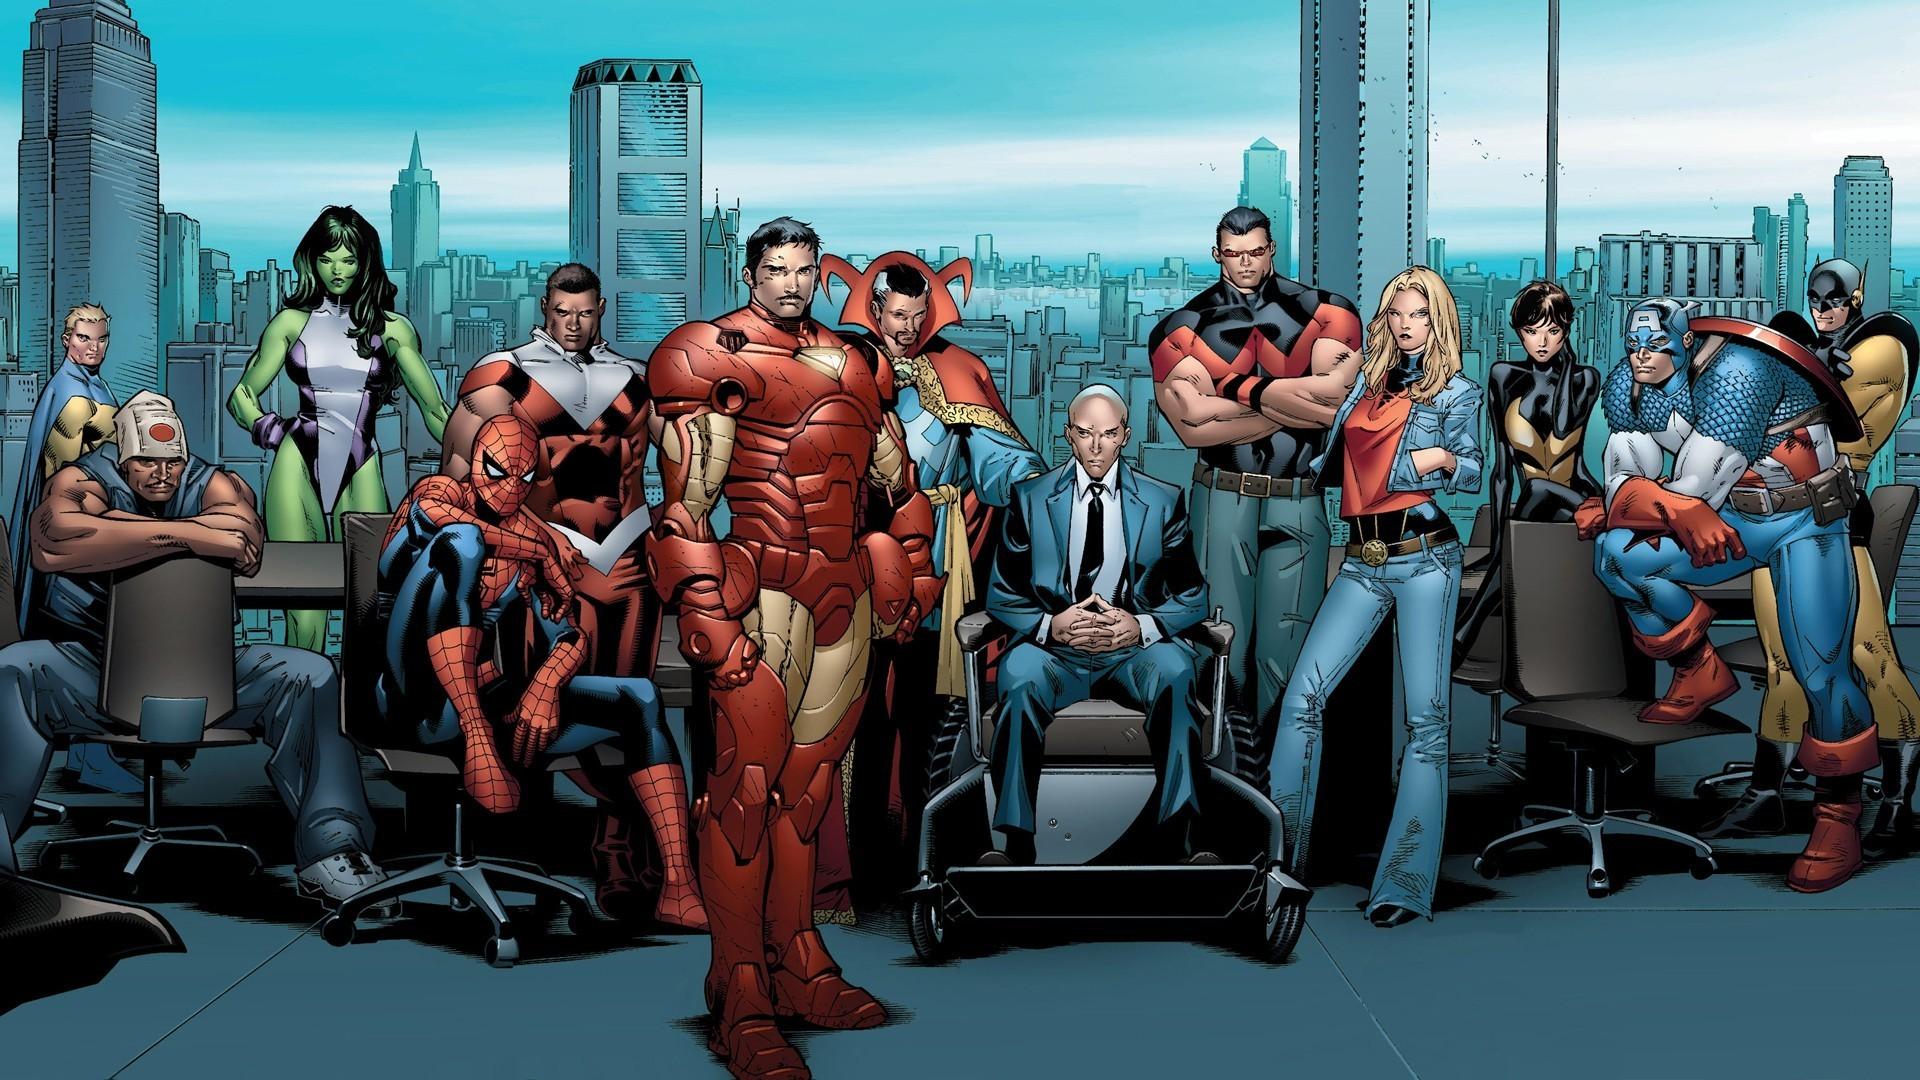 Marvel Comics Characters Wallpaper 3238 1920x1080